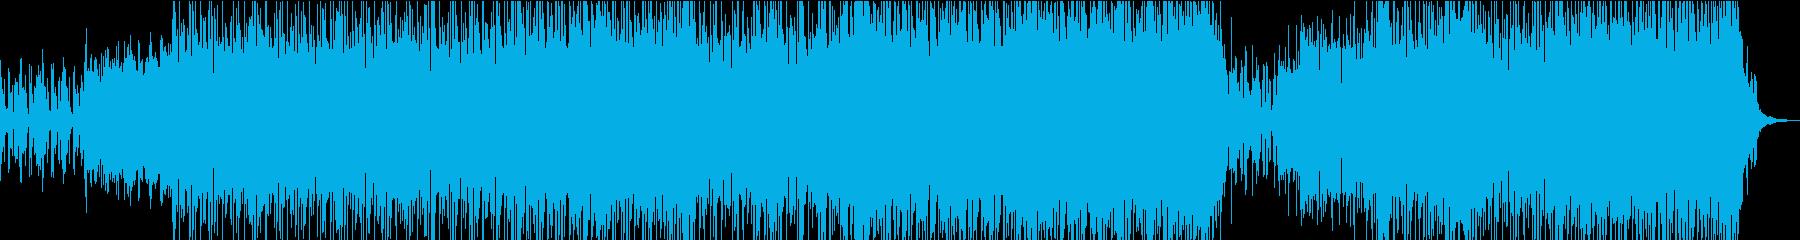 エッジの効いたエレクトロロックの再生済みの波形